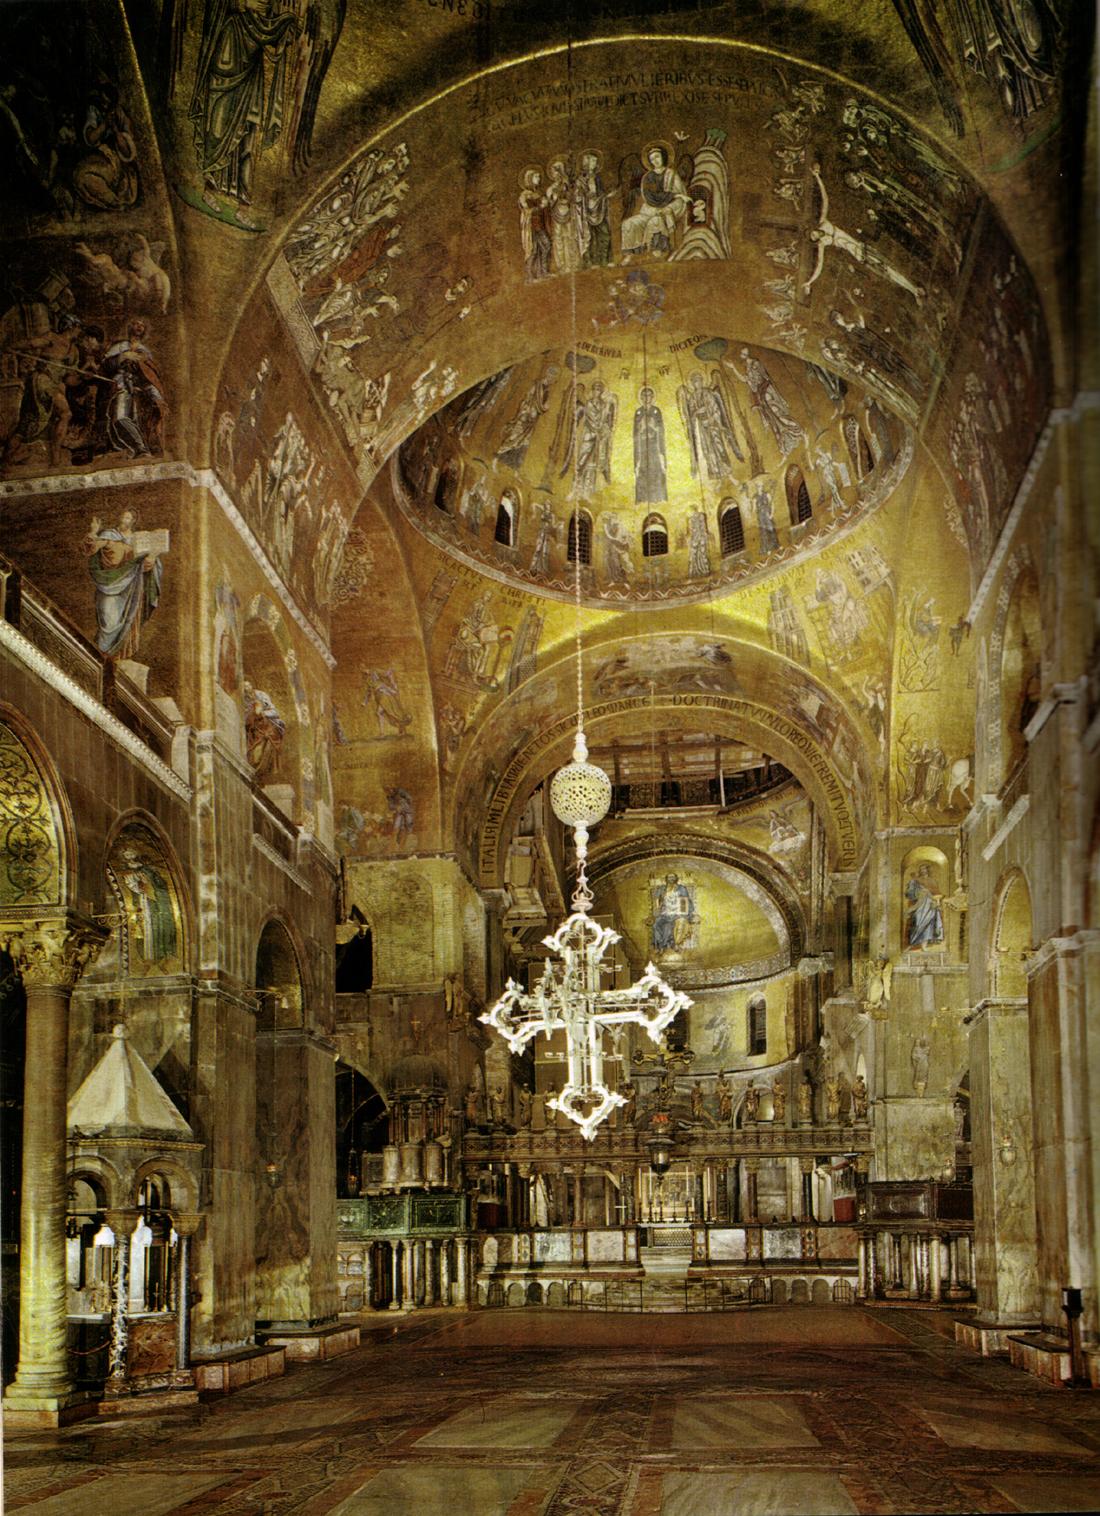 File:interno della basilica di san marco, venezia